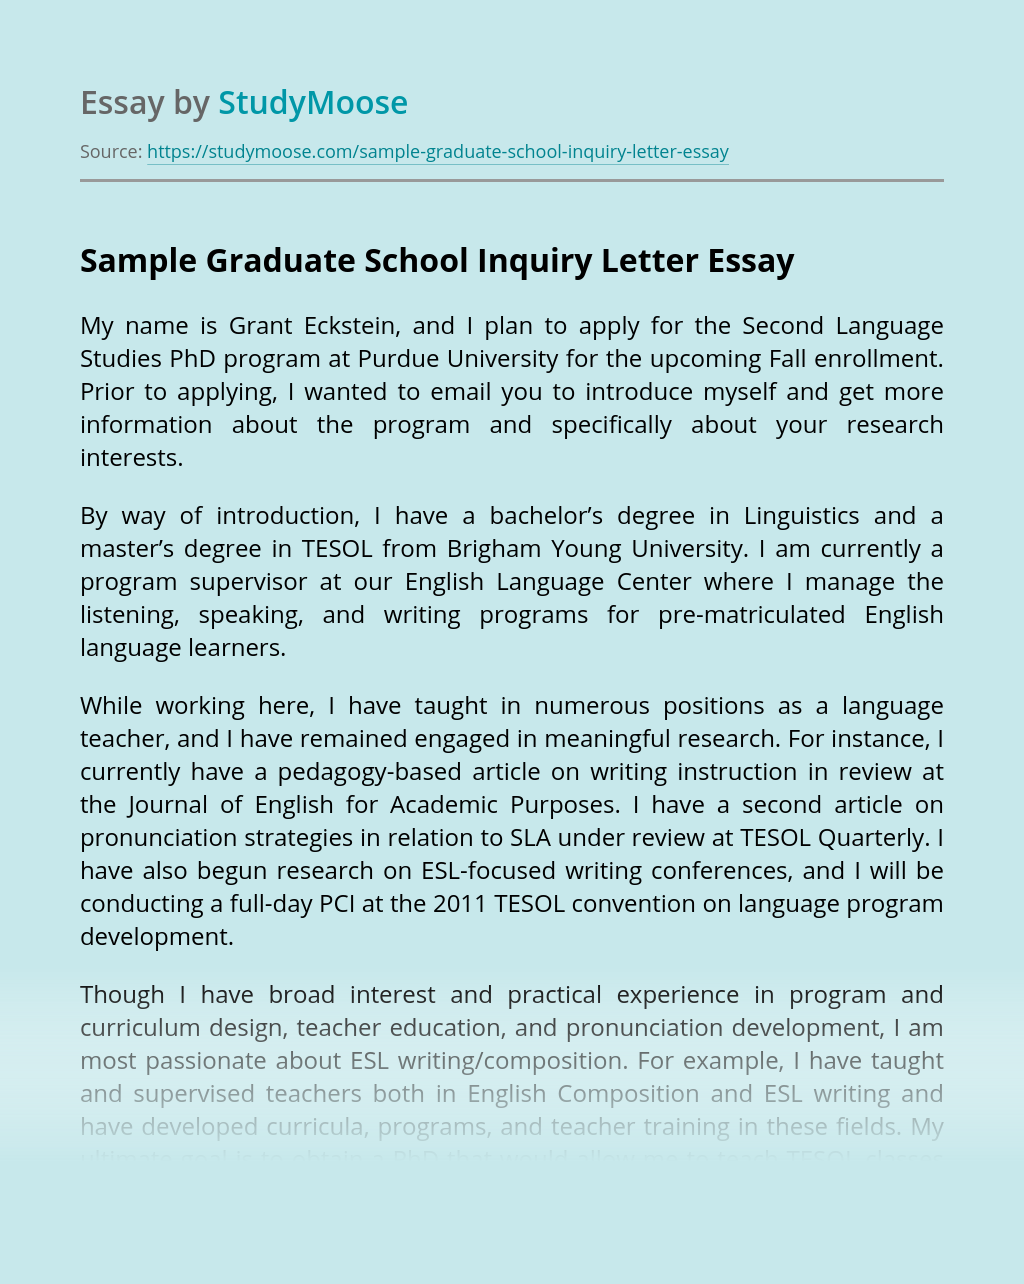 Sample Graduate School Inquiry Letter